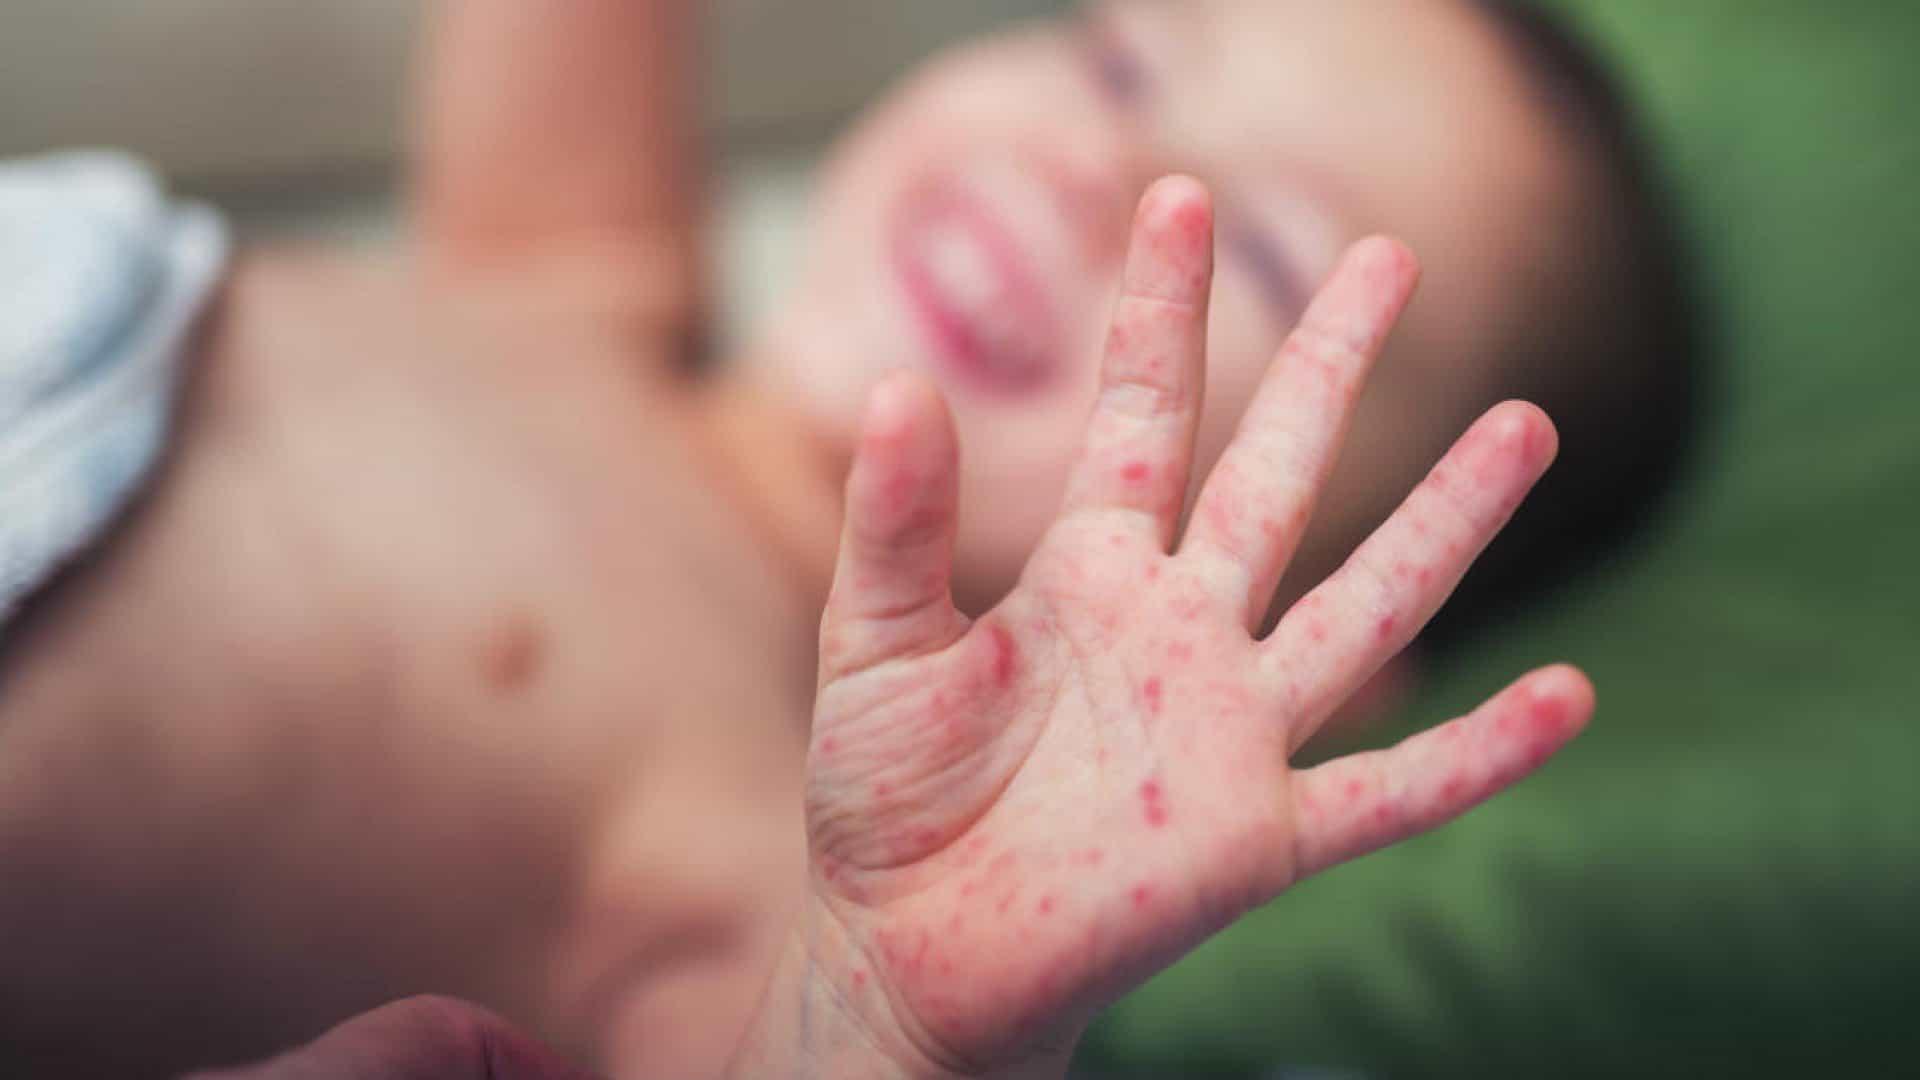 Bệnh tay chân miệng đang vào mùa dịch và dưới đây là những điều mà cả người lớn lẫn trẻ nhỏ đều phải biết - Ảnh 3.